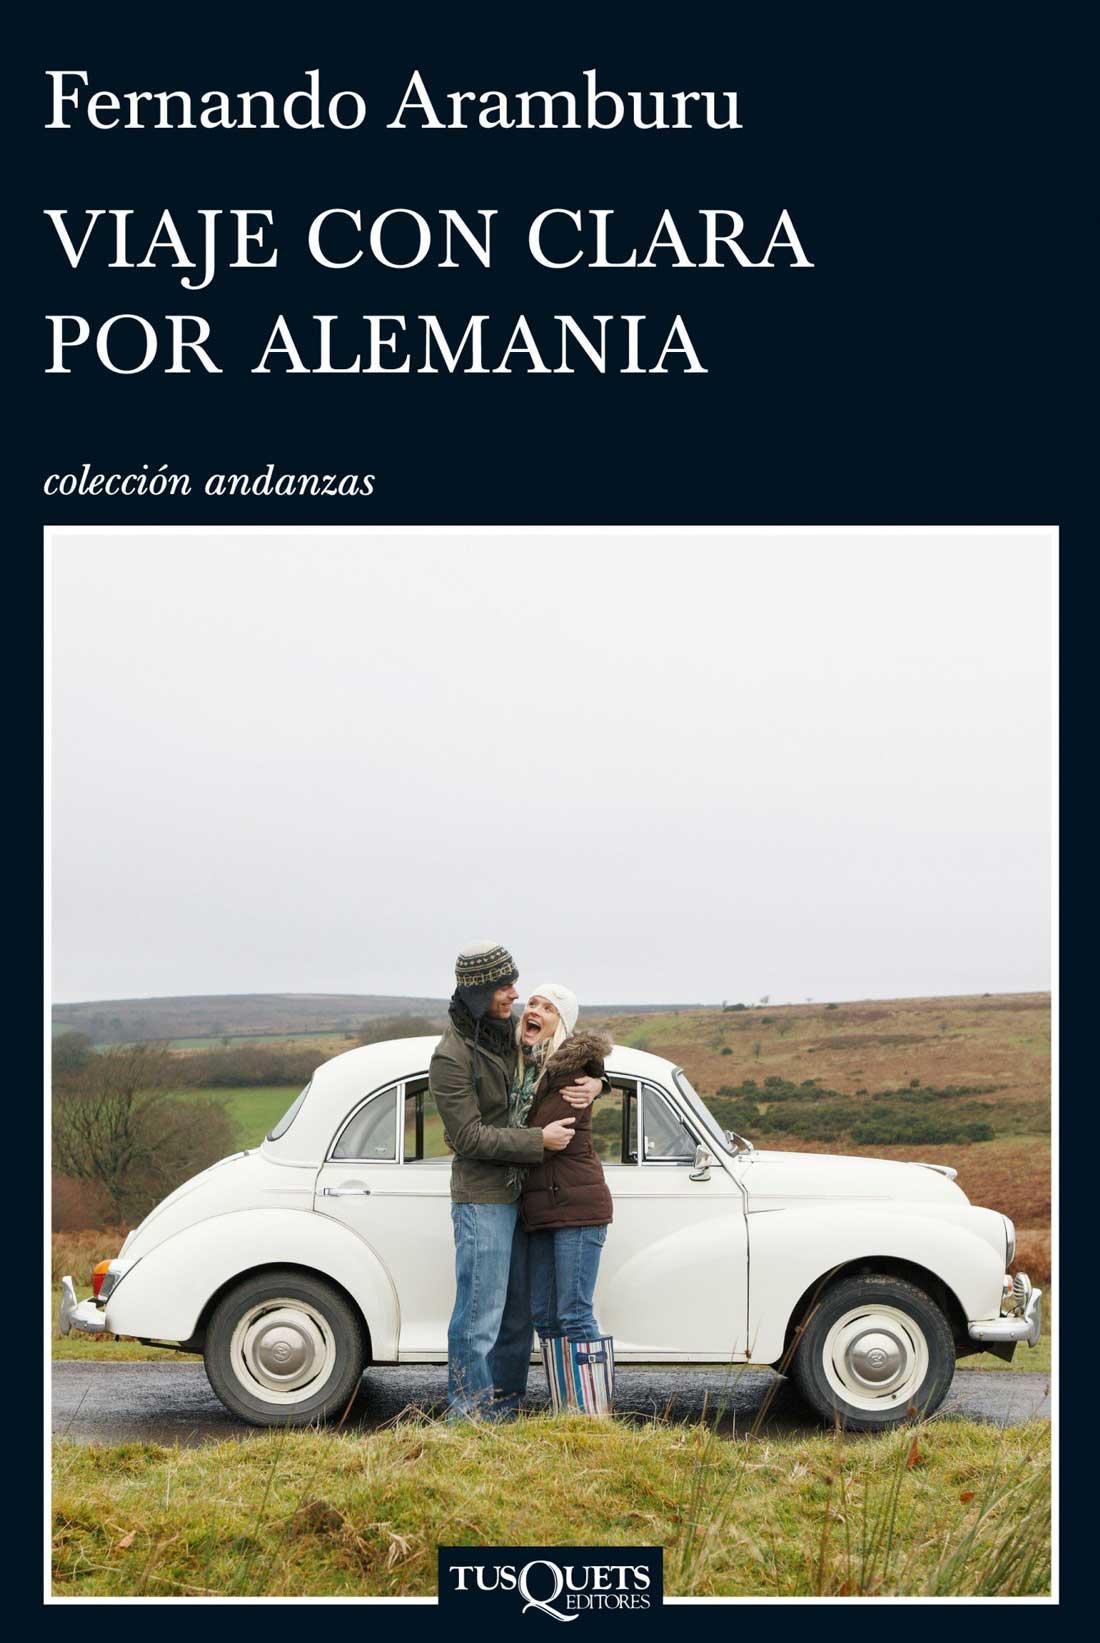 VIAJE CON CLARA POR ALEMANIA de Fernando Aramburu